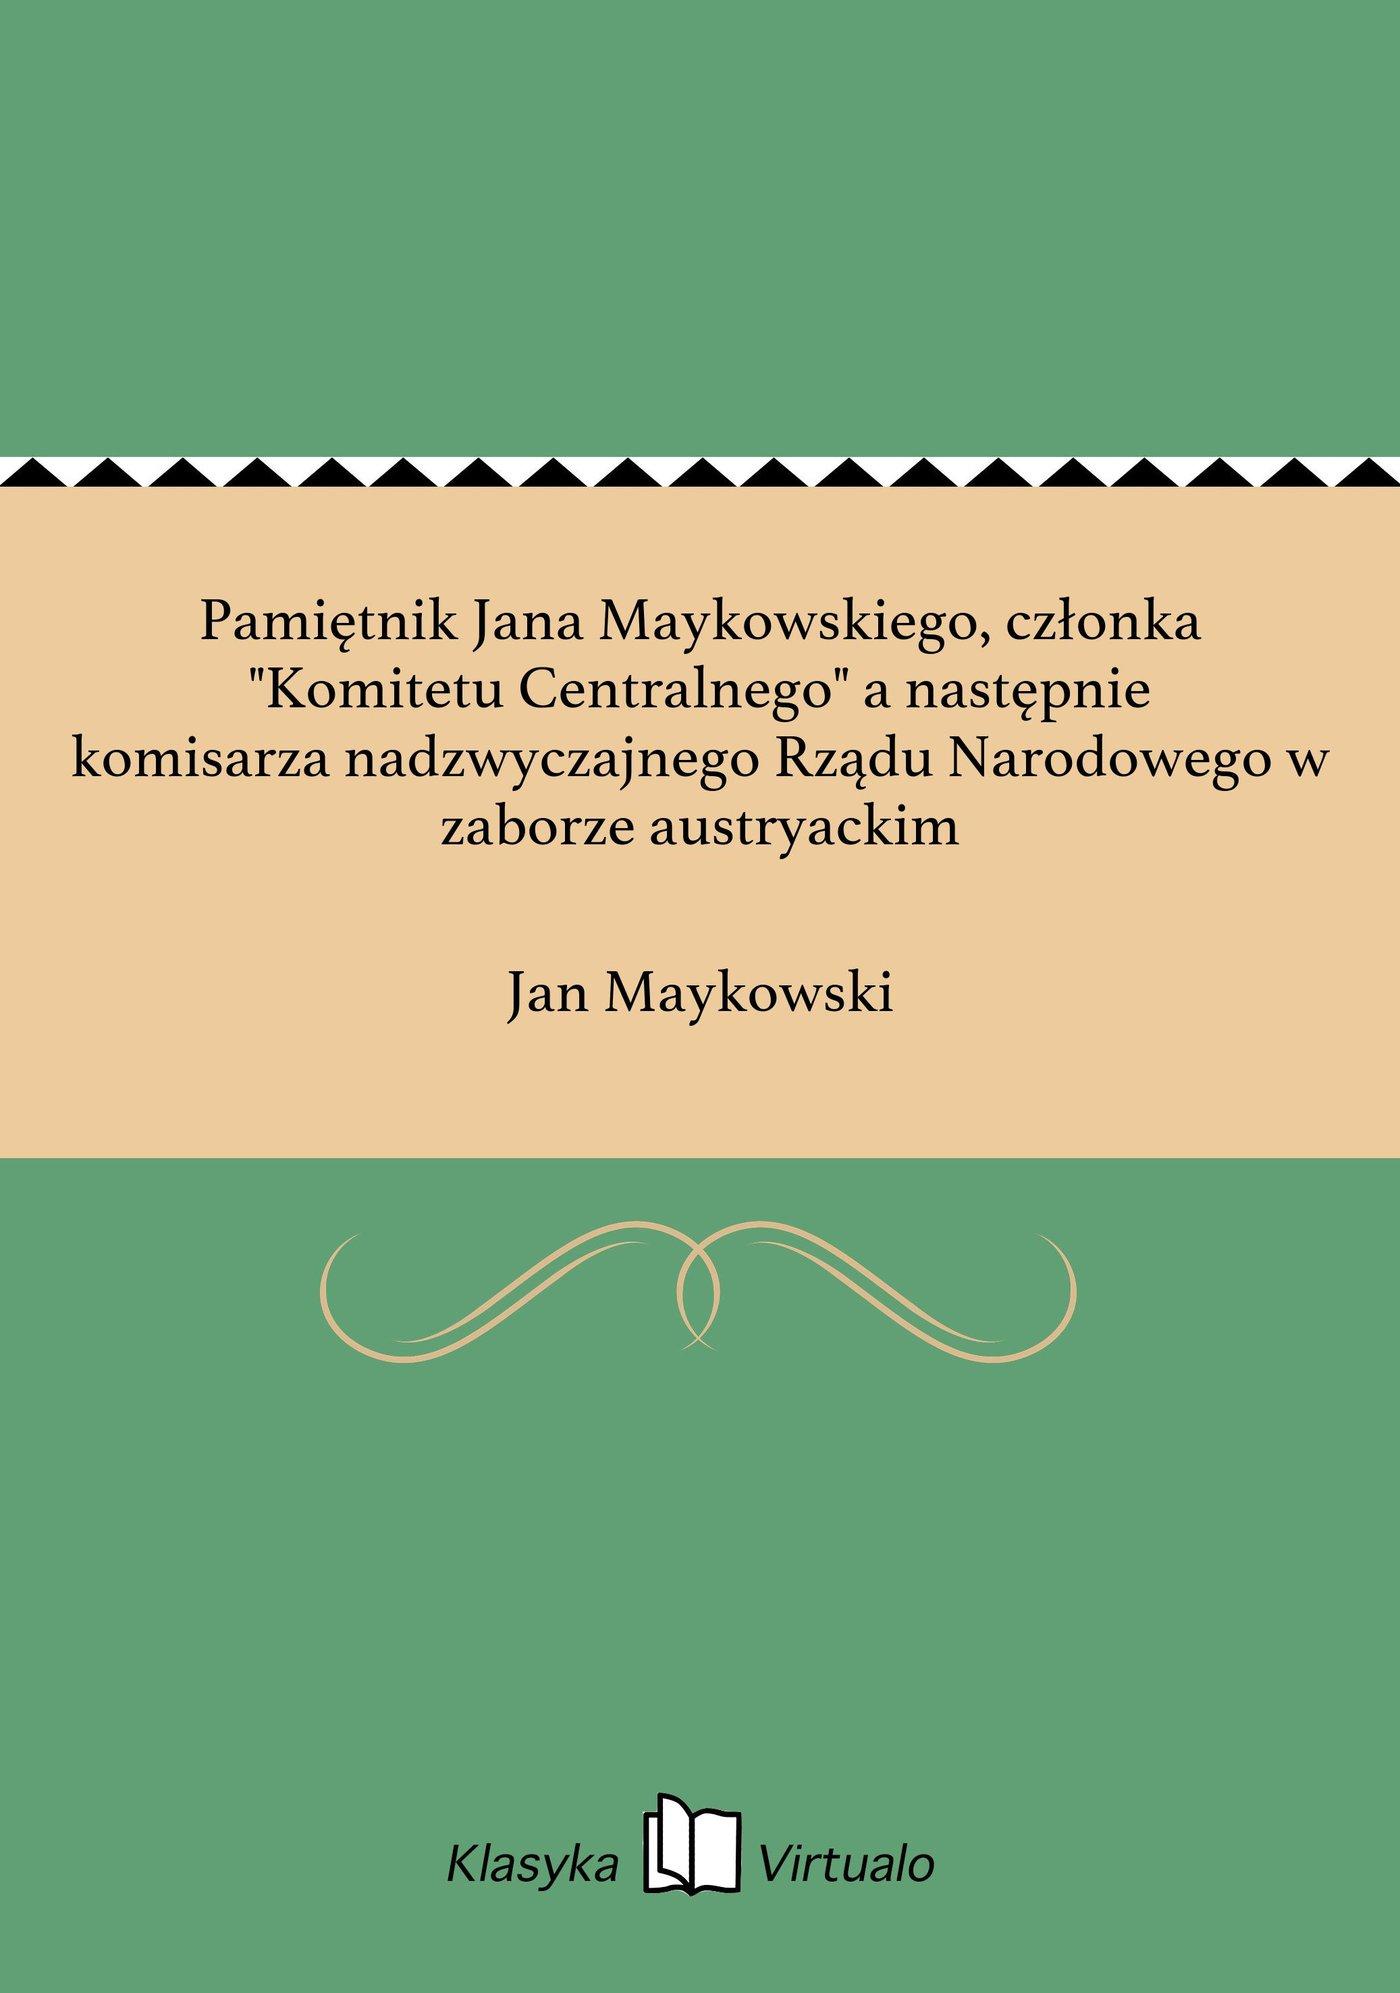 """Pamiętnik Jana Maykowskiego, członka """"Komitetu Centralnego"""" a następnie komisarza nadzwyczajnego Rządu Narodowego w zaborze austryackim - Ebook (Książka na Kindle) do pobrania w formacie MOBI"""